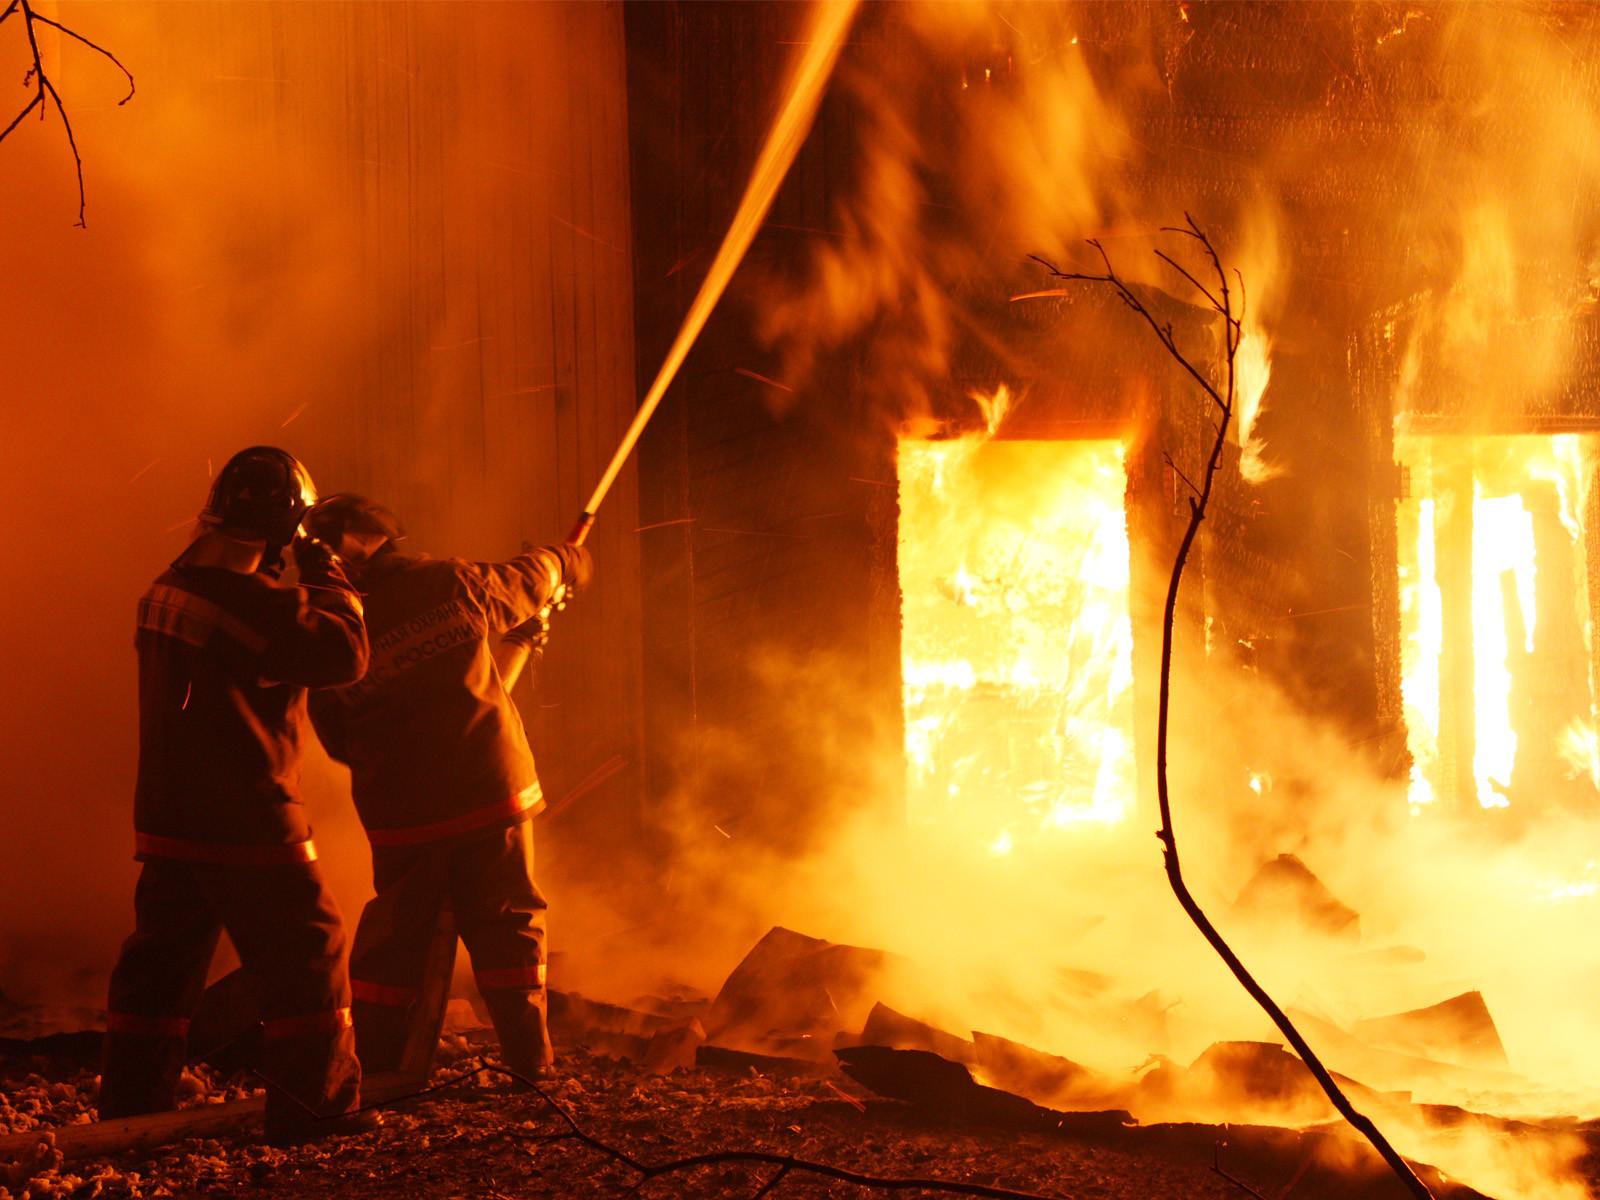 РежимЧС ввели вКрасноярском крае из-за пожаров: есть жертвы